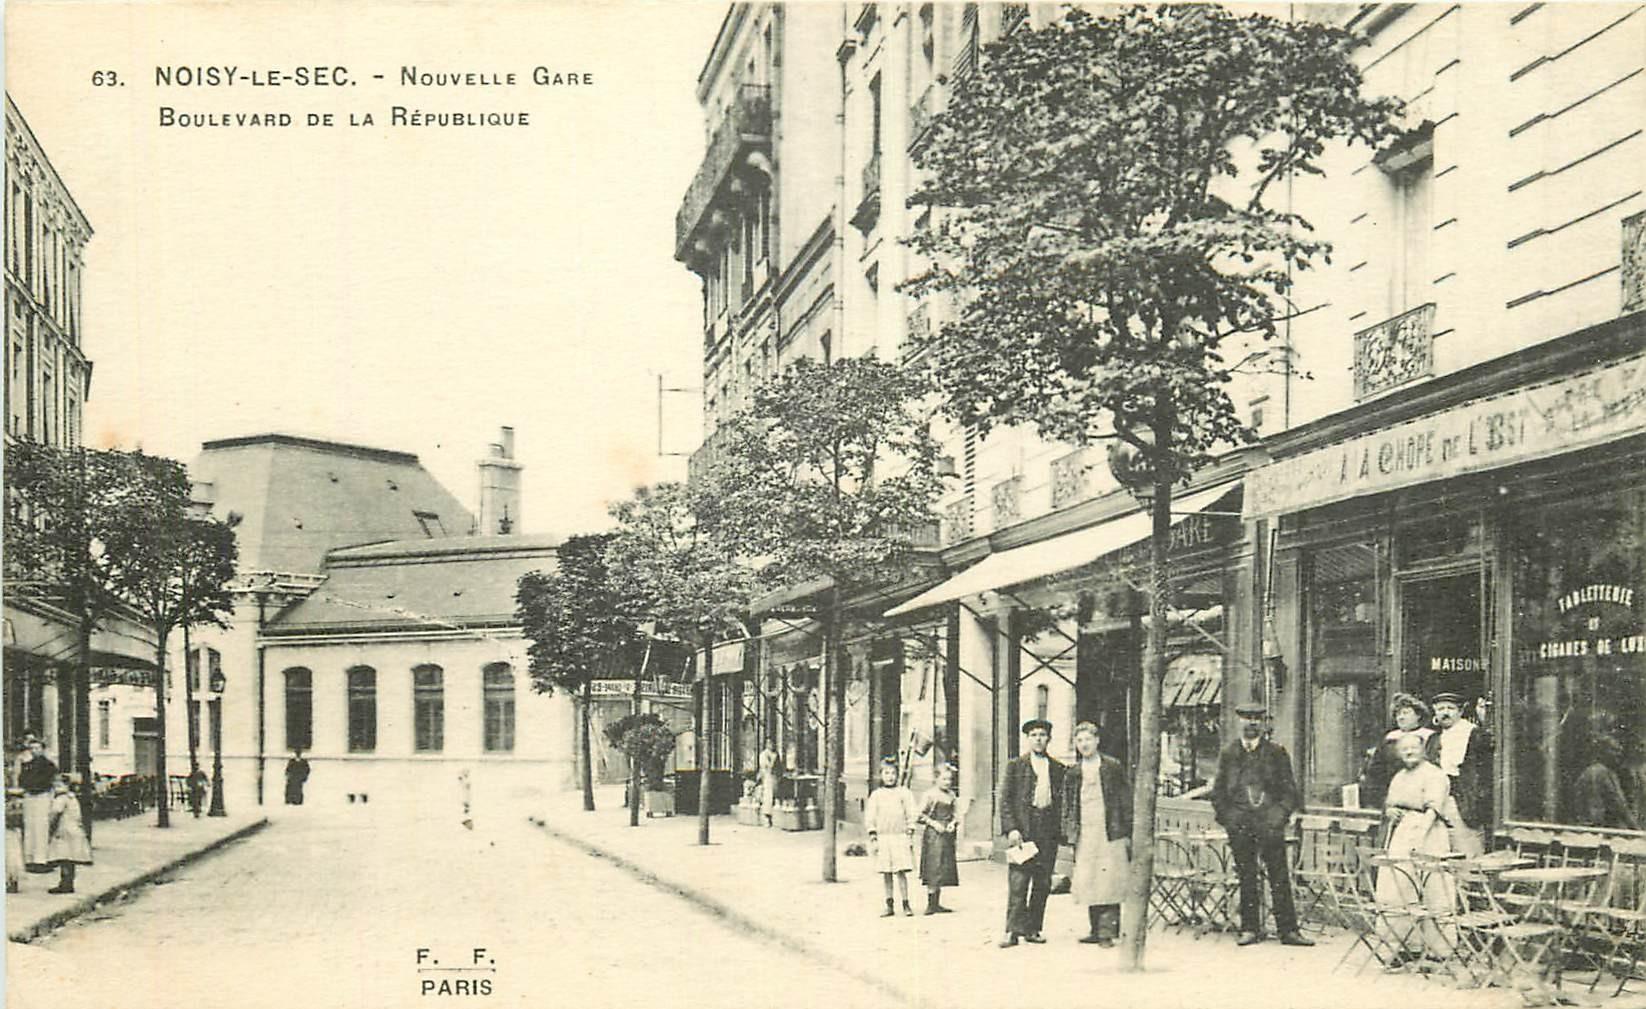 WW 93 NOISY-LE-SEC. Gare et Café boulevard République